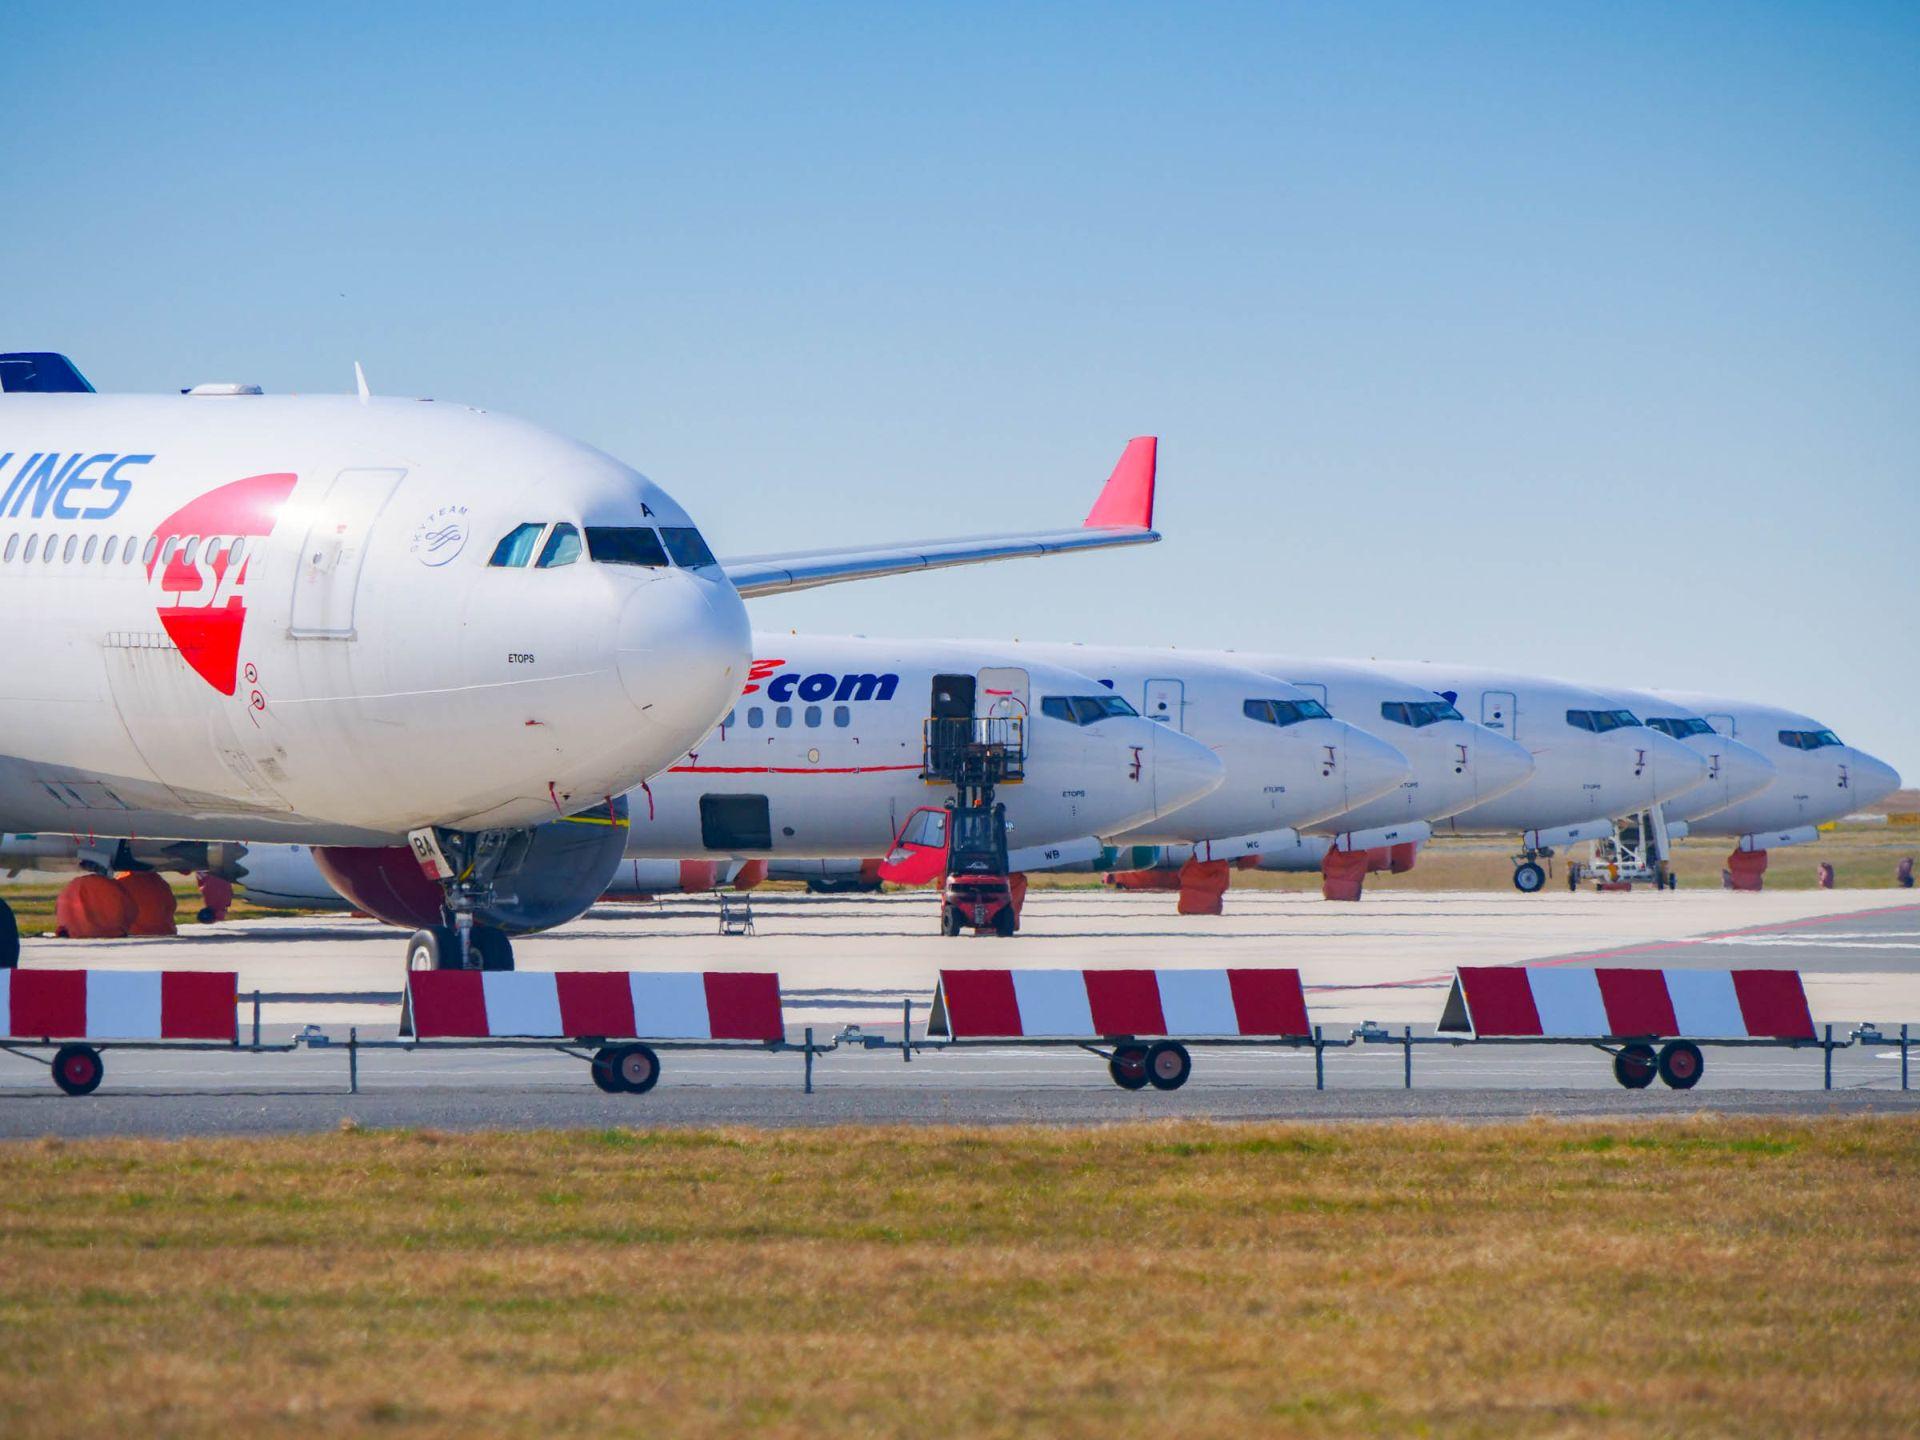 Airbus A330-300 registrace OK-YBA Českých aerolinií je odstaven od února po zastavení dálkových letů do Soulu. Foto: Rosťa Kopecký / FlyRosta.com